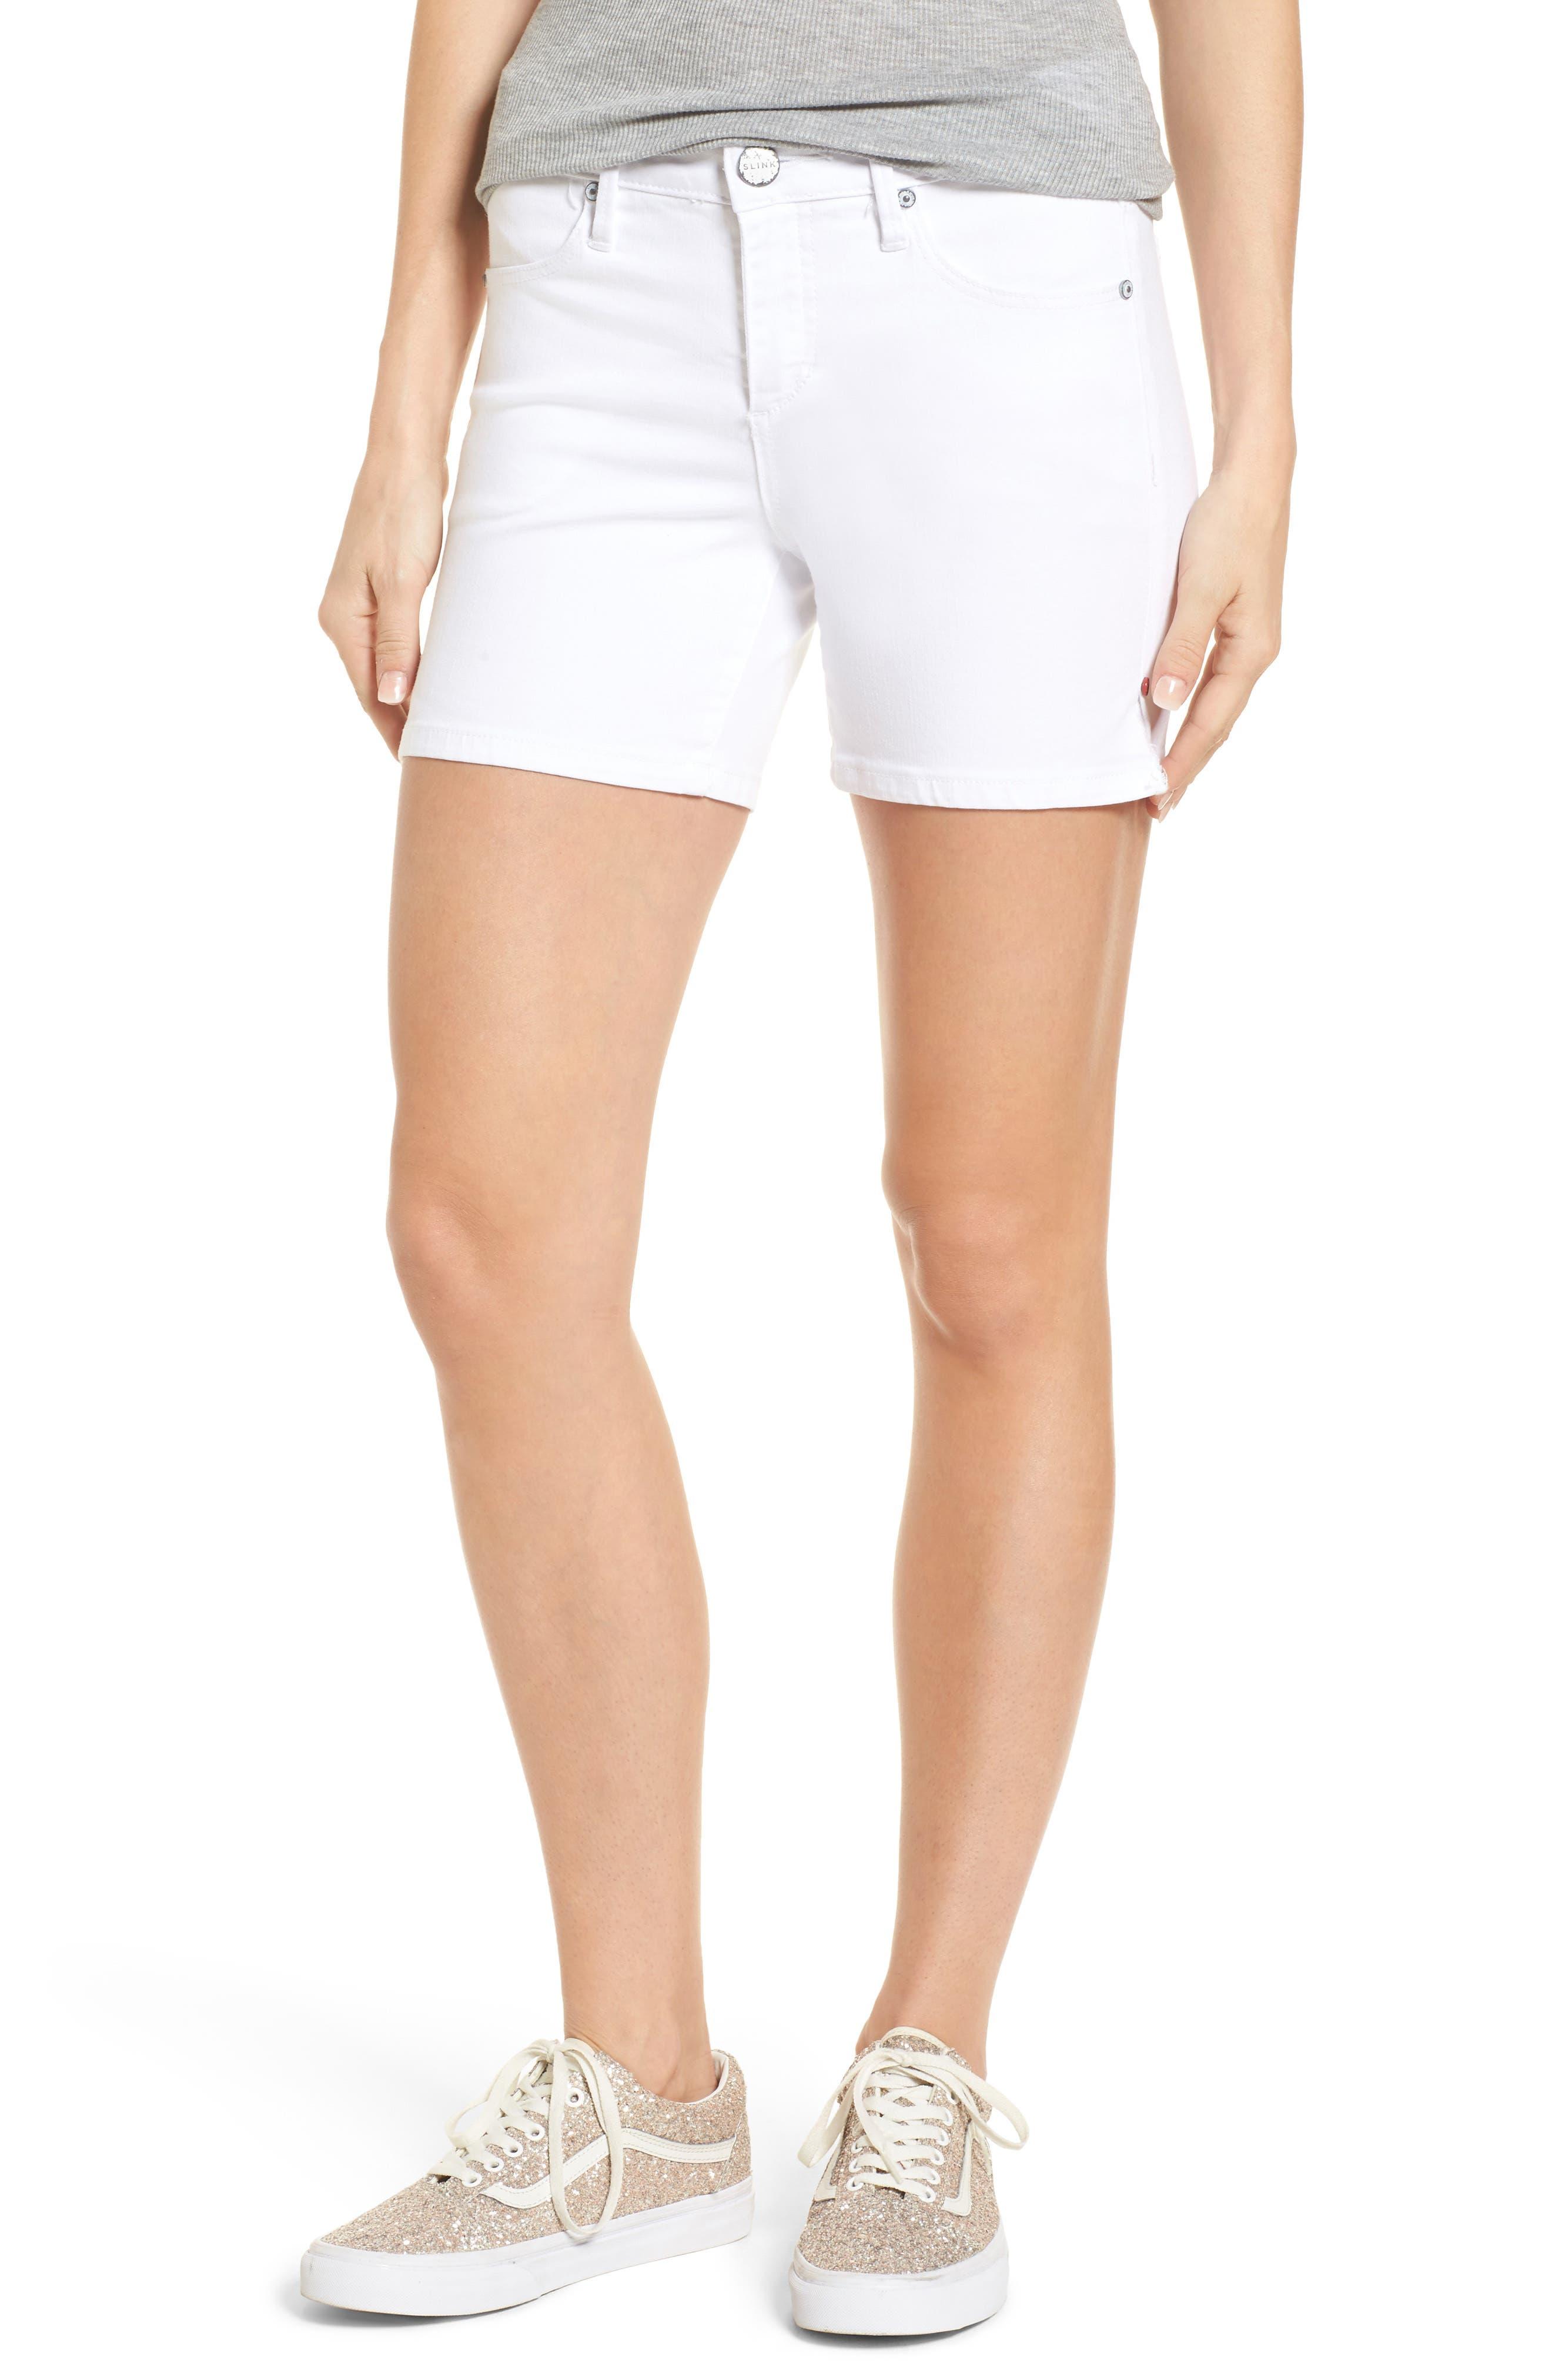 SLINK Jeans Side Vent Shorts